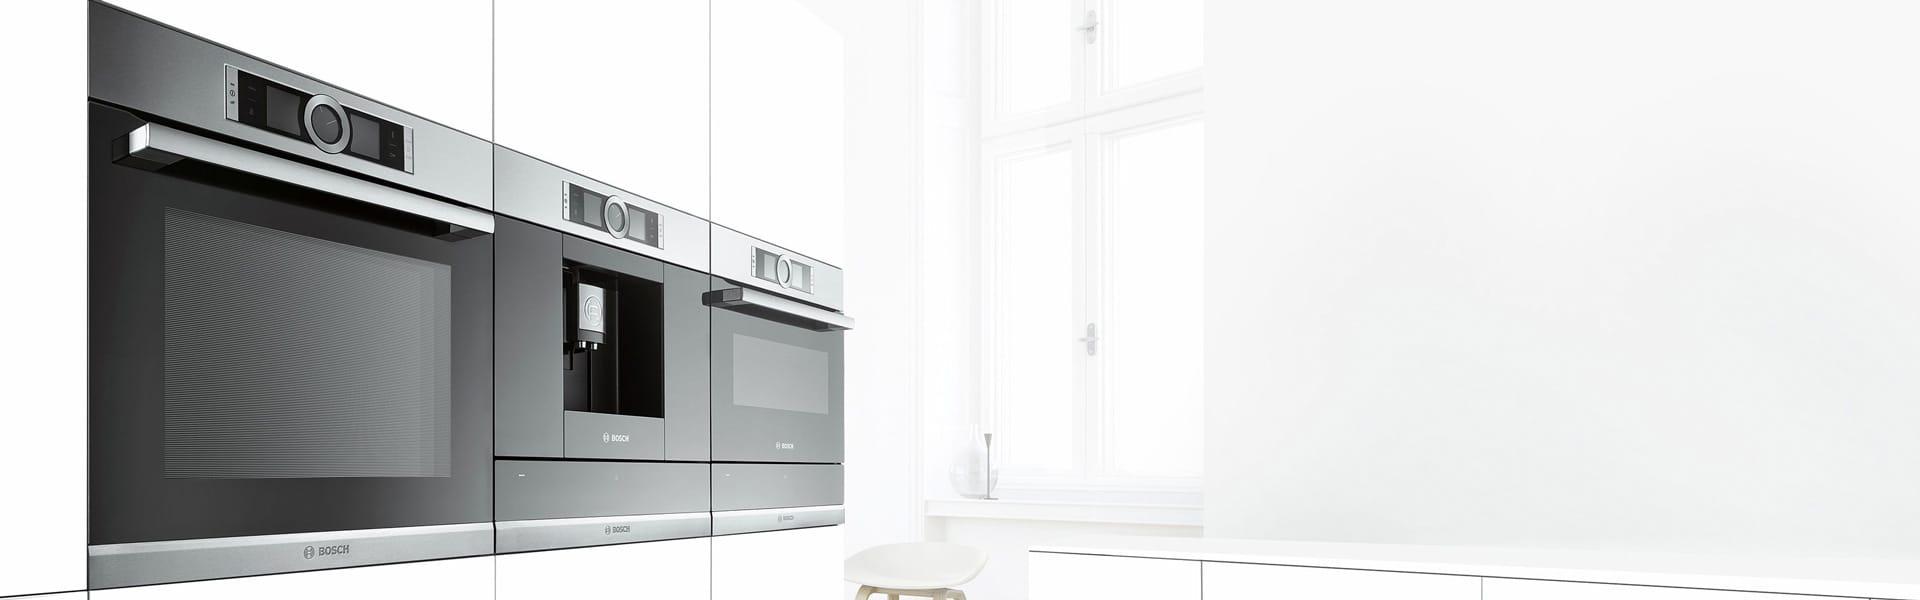 Bosch keukenapparatuur en inbouwapparatuur